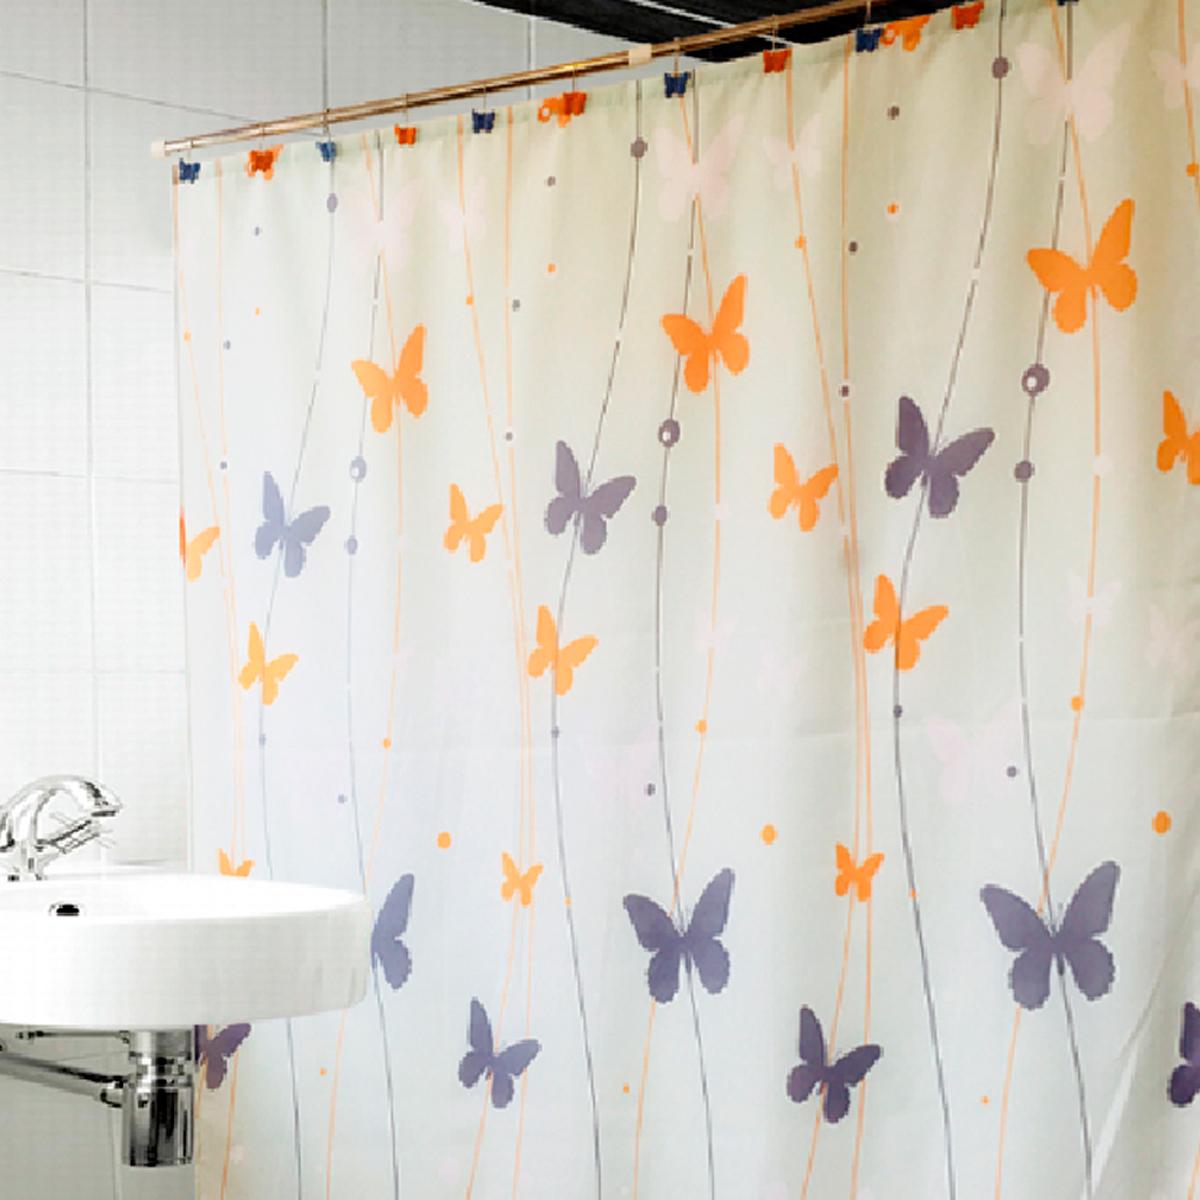 Купить Шторы и карнизы Arya, Шторы для ванной Spring, Турция, Оранжевый, Фиолетовый, Полиэстер